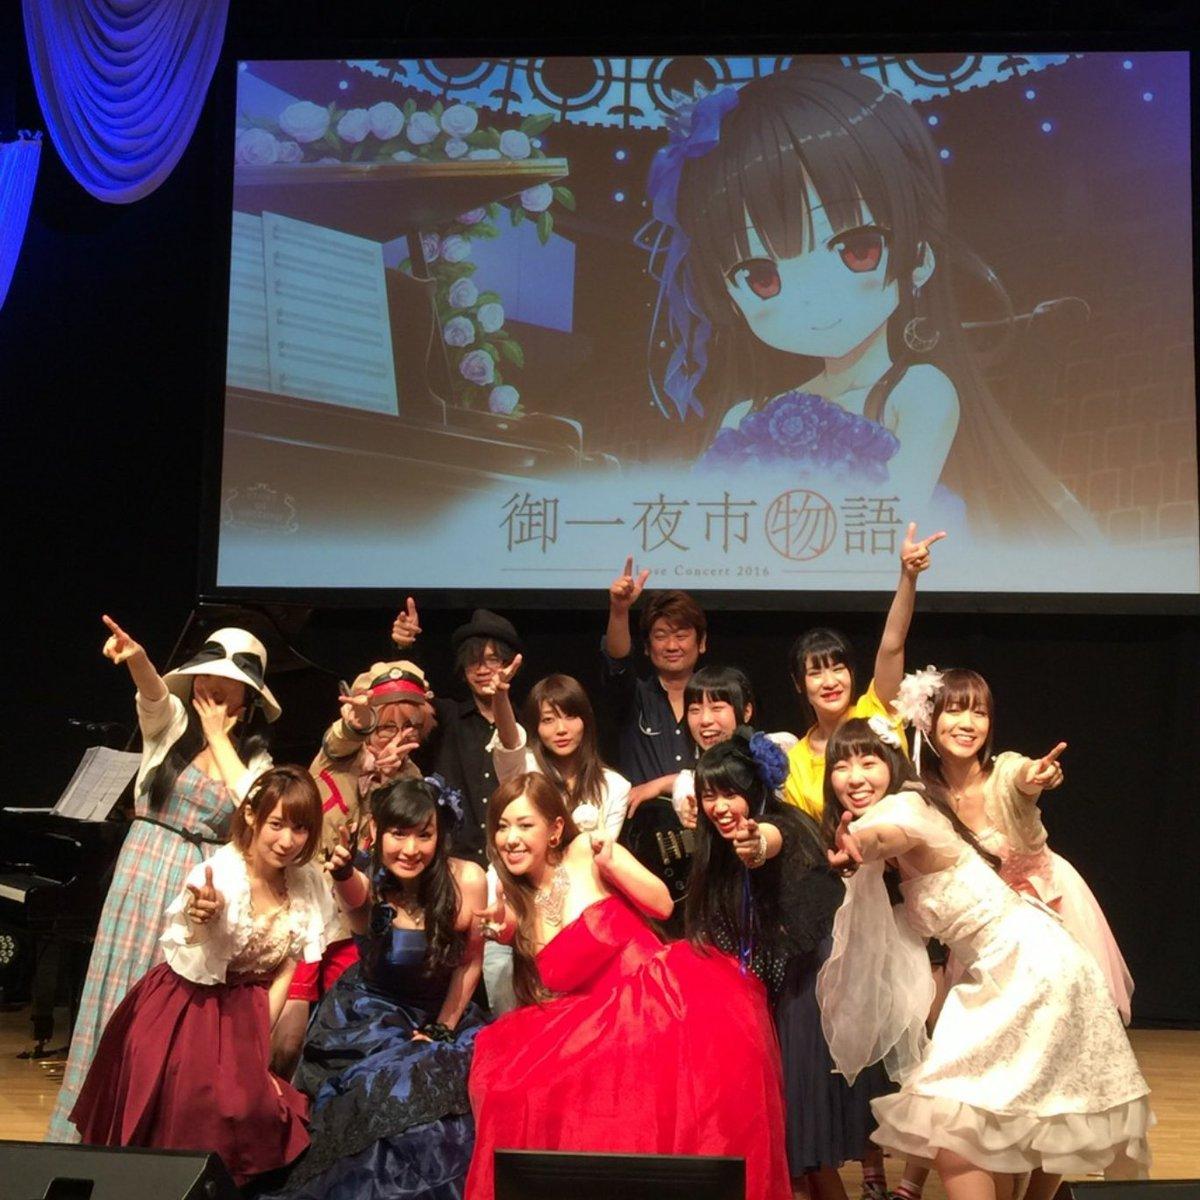 『御一夜市物語 -Lose Concert 2016-』、皆さん本当にありがとうございました!!・゚・\(*´∀`*)/・゚・ #まいてつ #御一夜市物語 https://t.co/ugpxhvfOMy